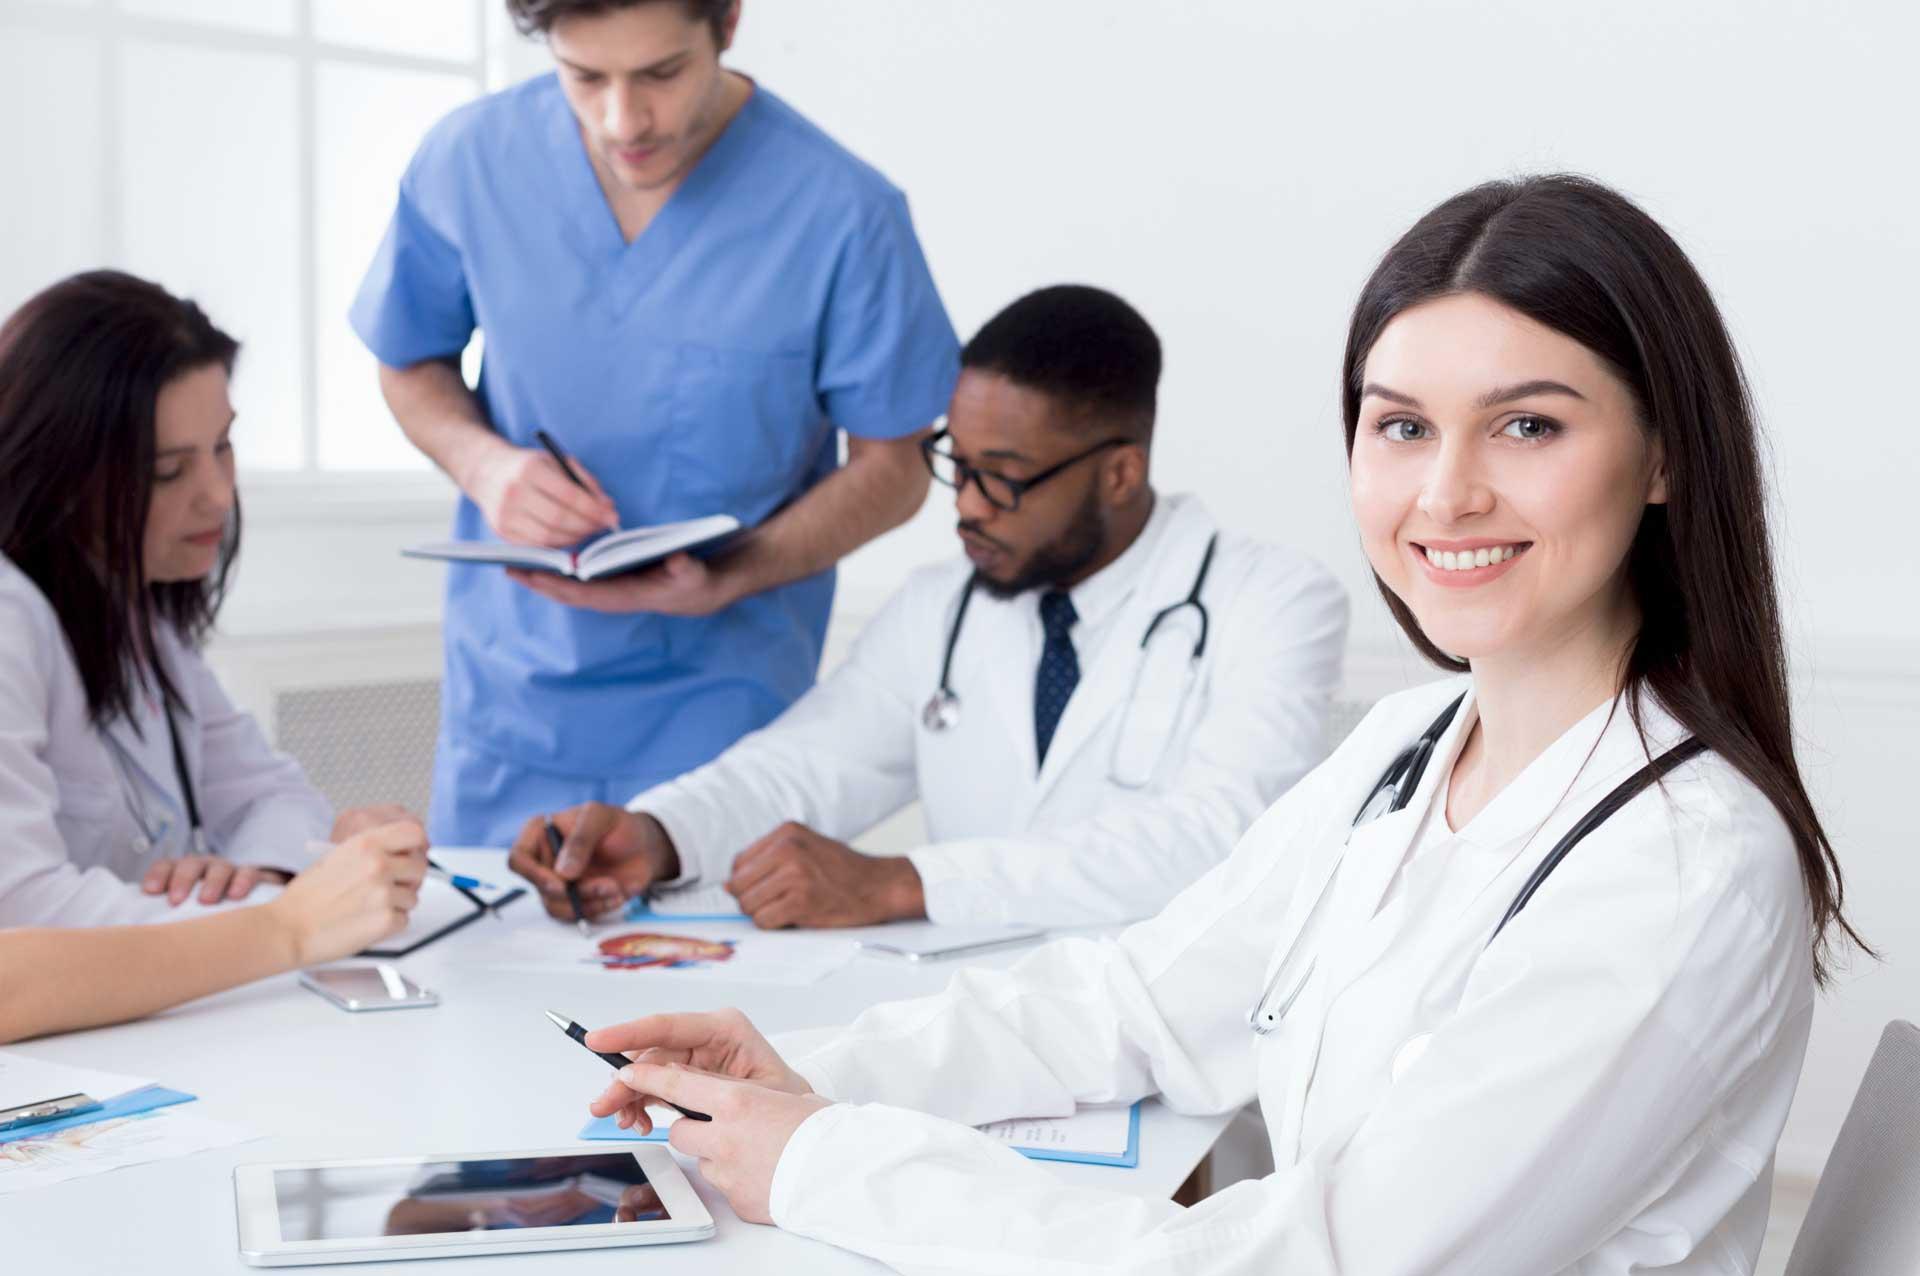 Sessió clínica sobre característiques i prescripció d'us de les lents de contacte